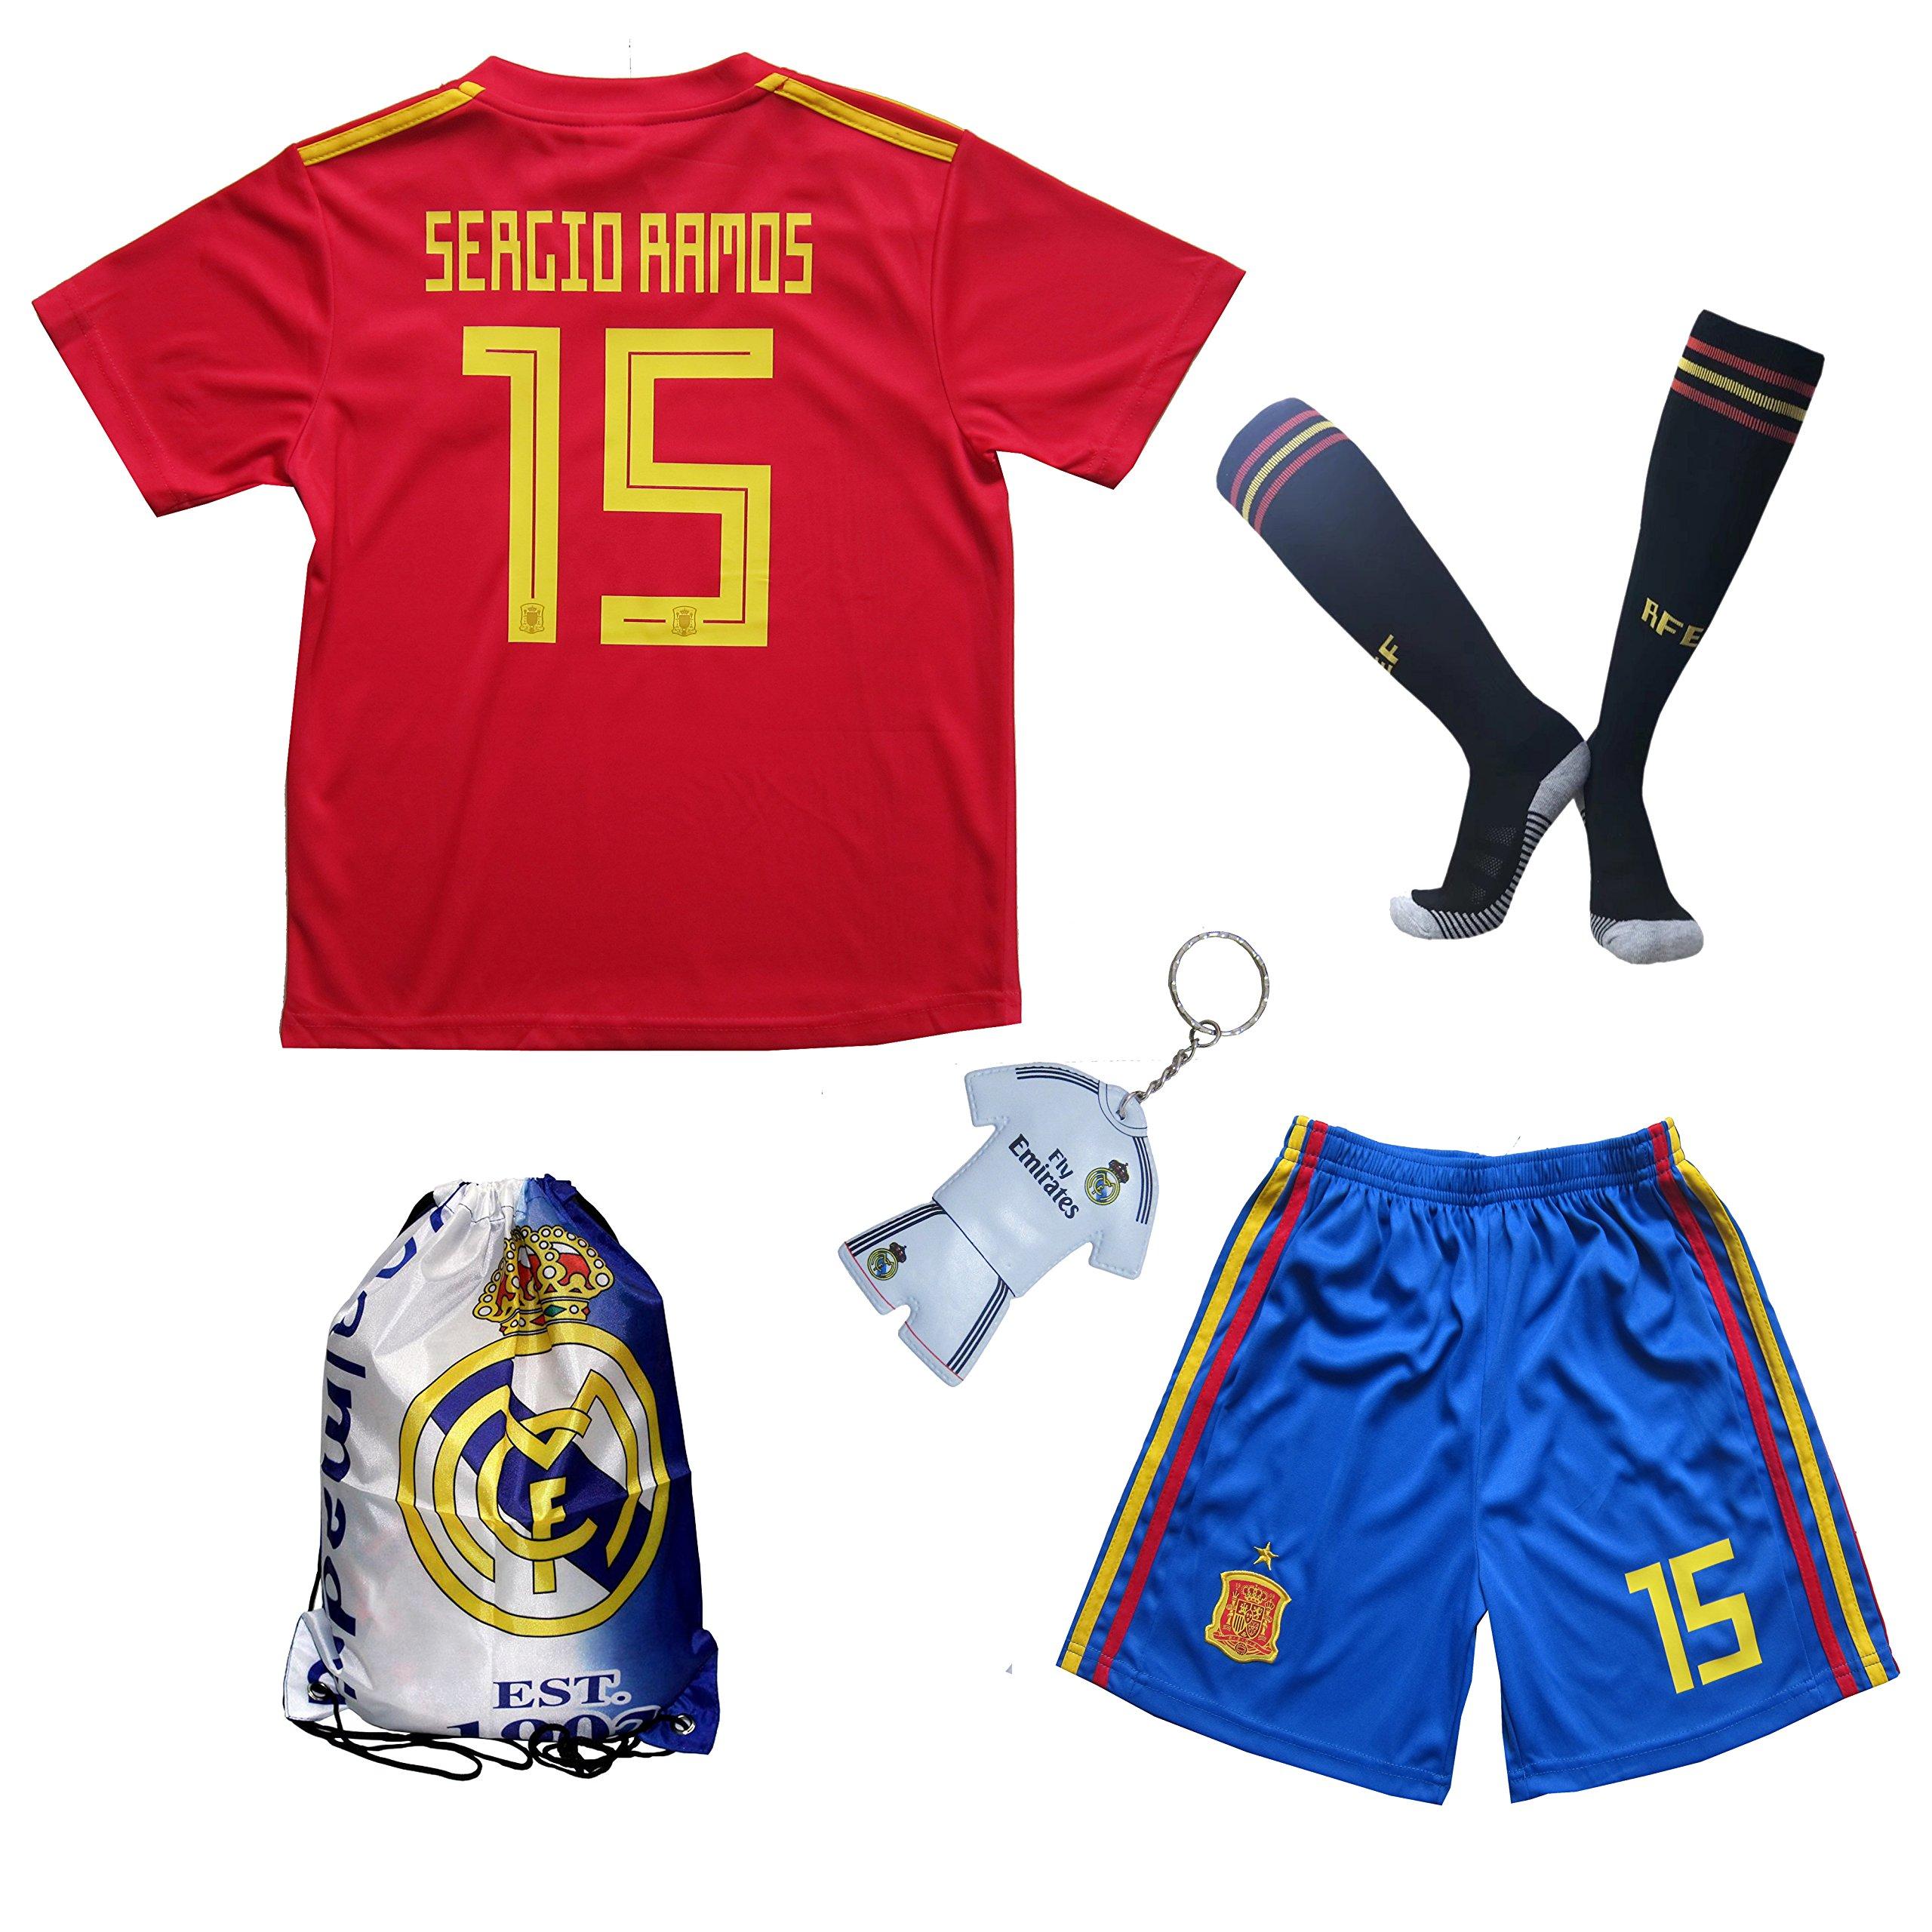 uk availability 17f76 eace4 Cheap Spain Football Kit Kids, find Spain Football Kit Kids ...